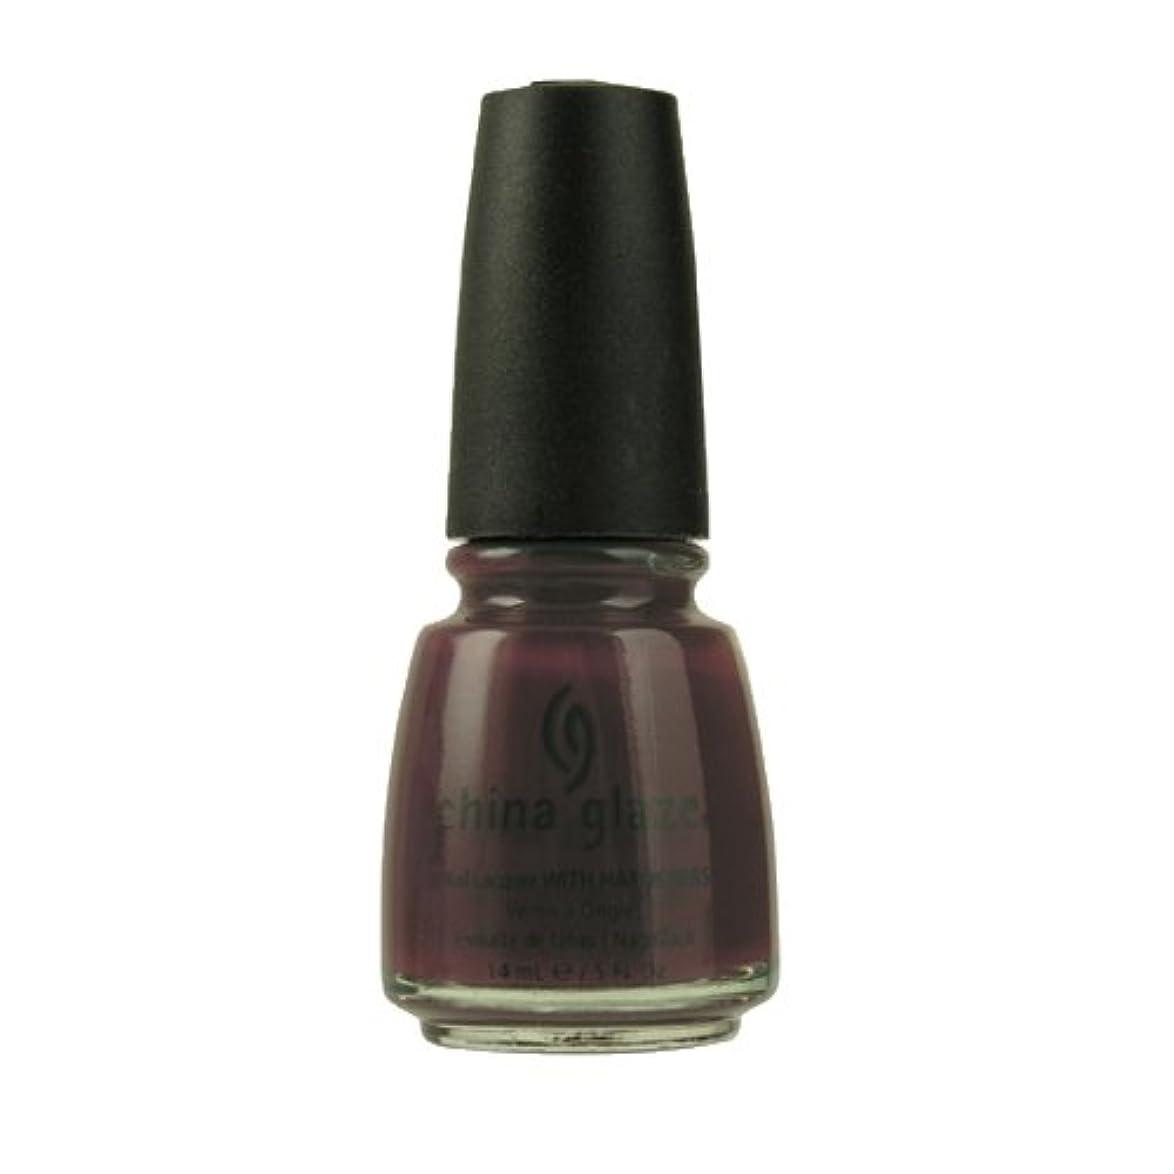 フォーマルカテナ力学(6 Pack) CHINA GLAZE Nail Lacquer with Nail Hardner - VIII (並行輸入品)